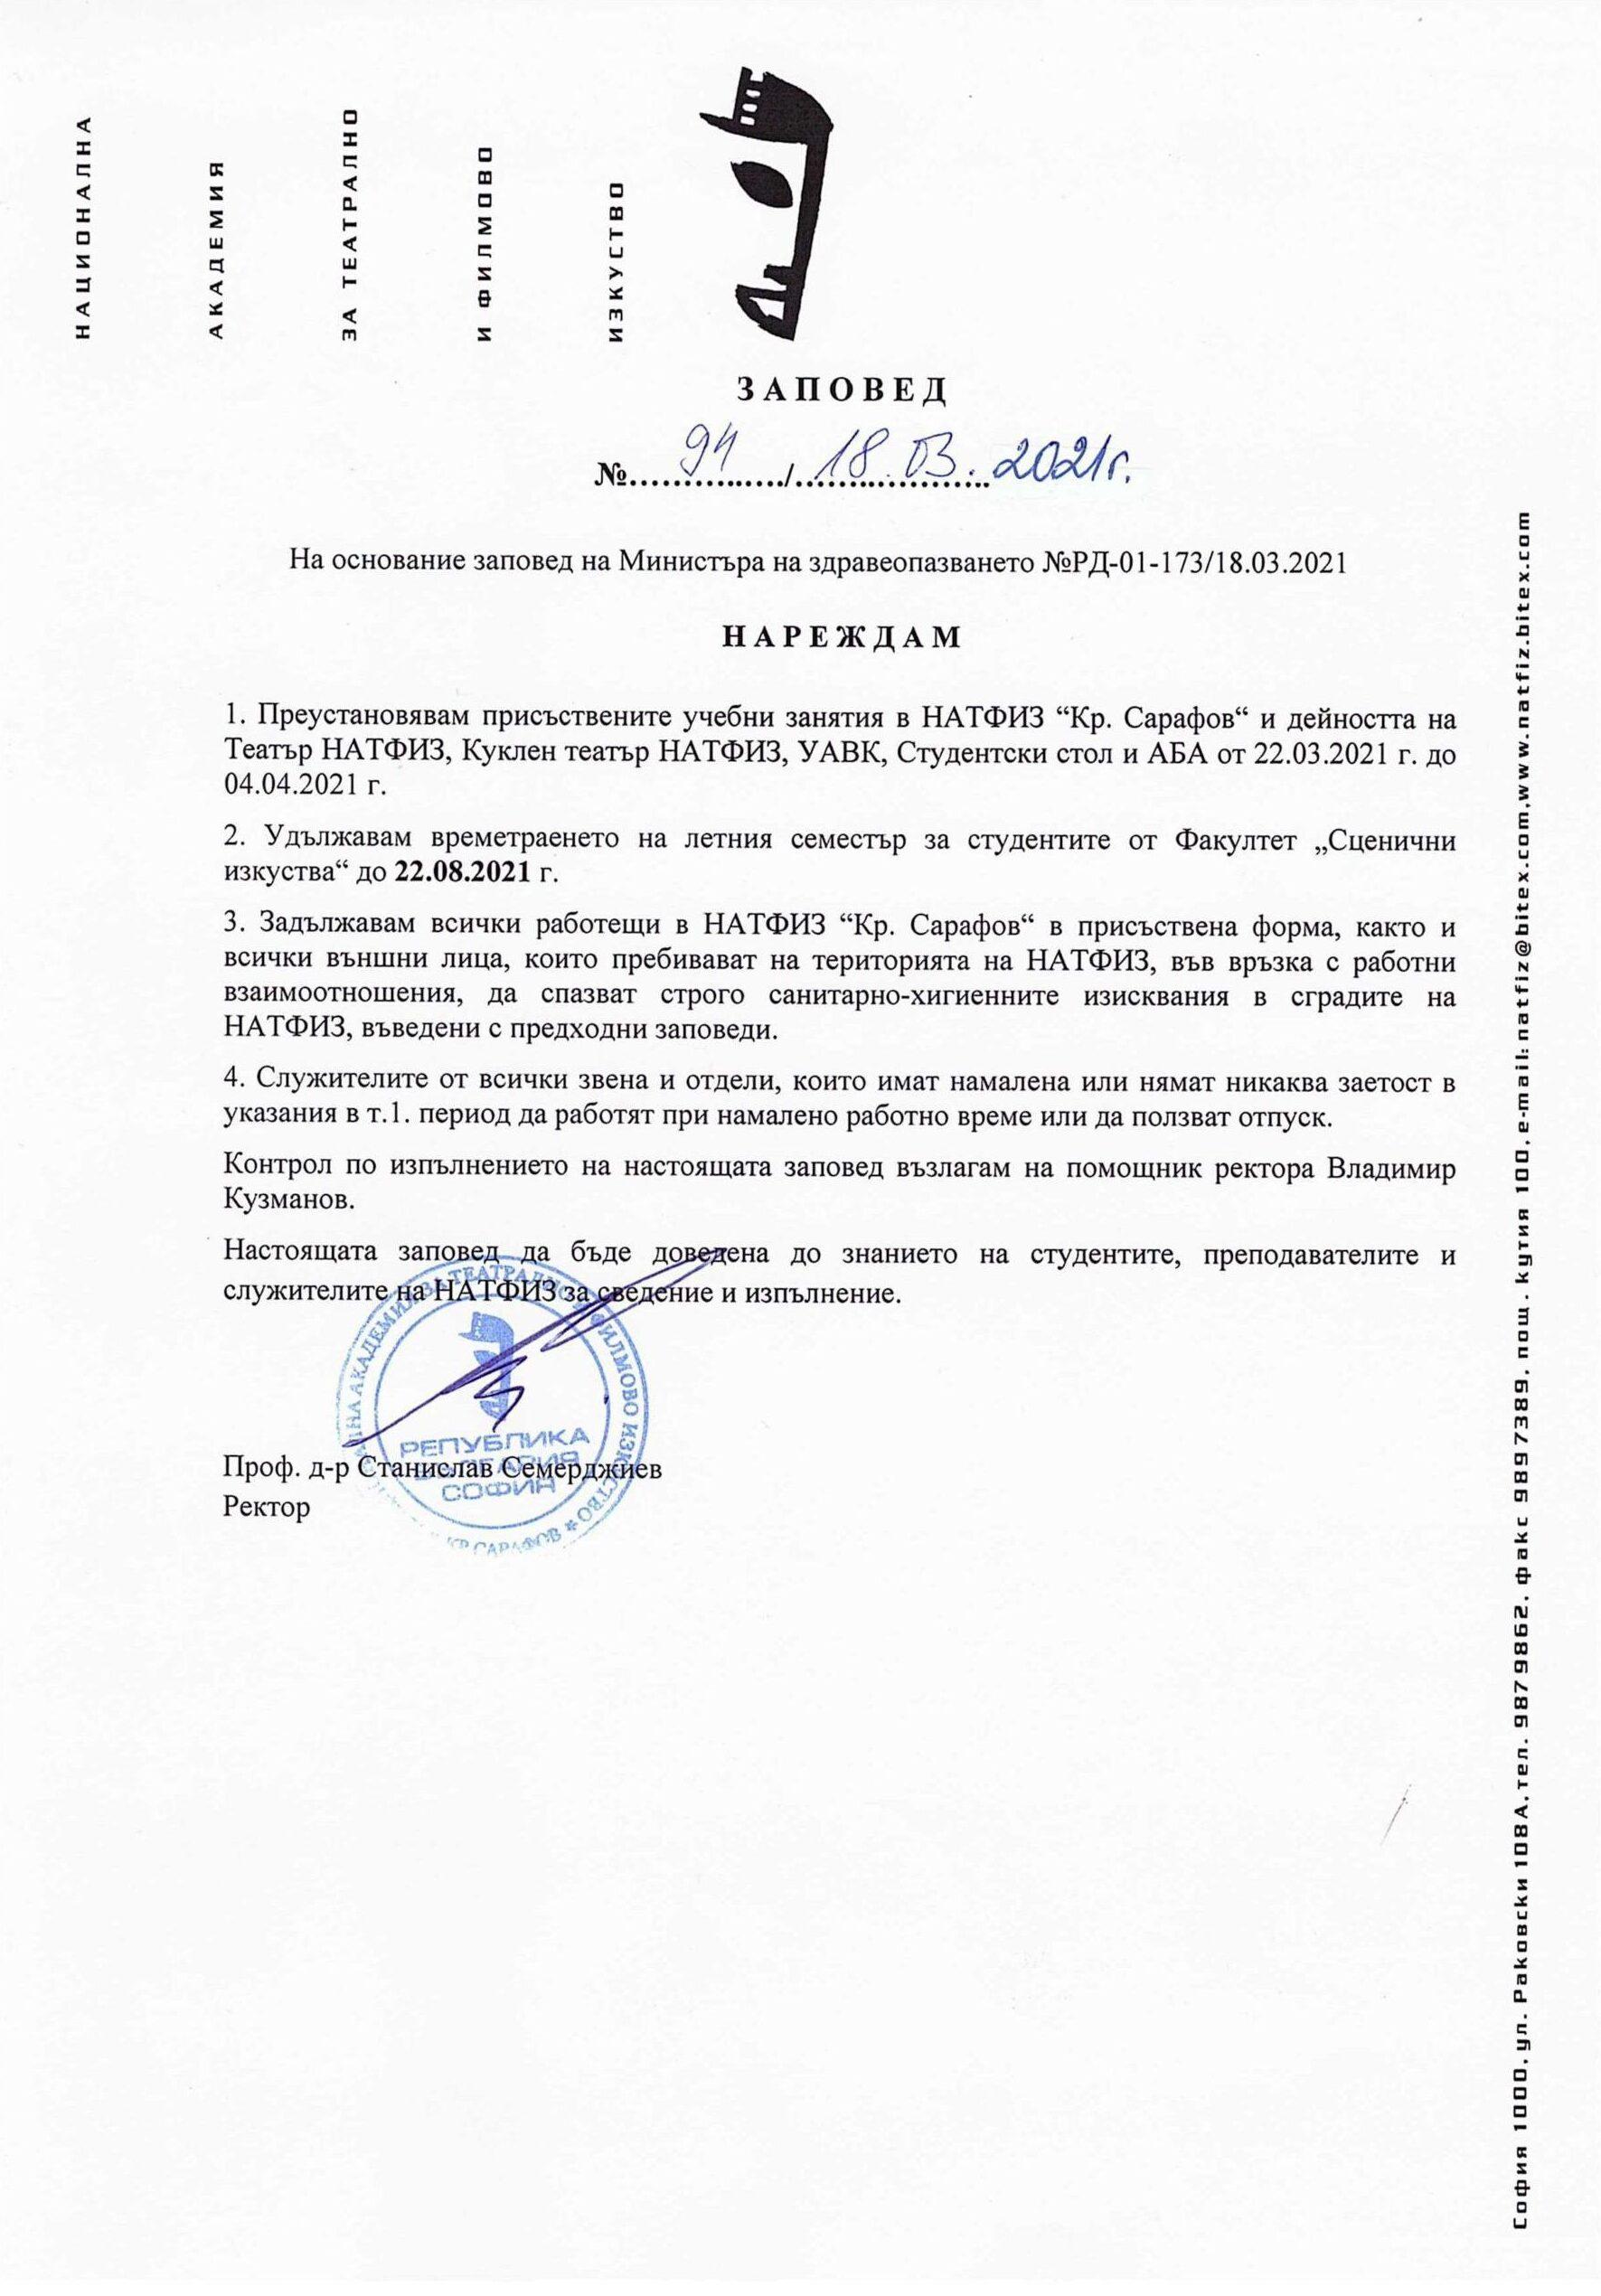 Заповед №94/18.03.2021 г. – във връзка с противоепидемични мерки